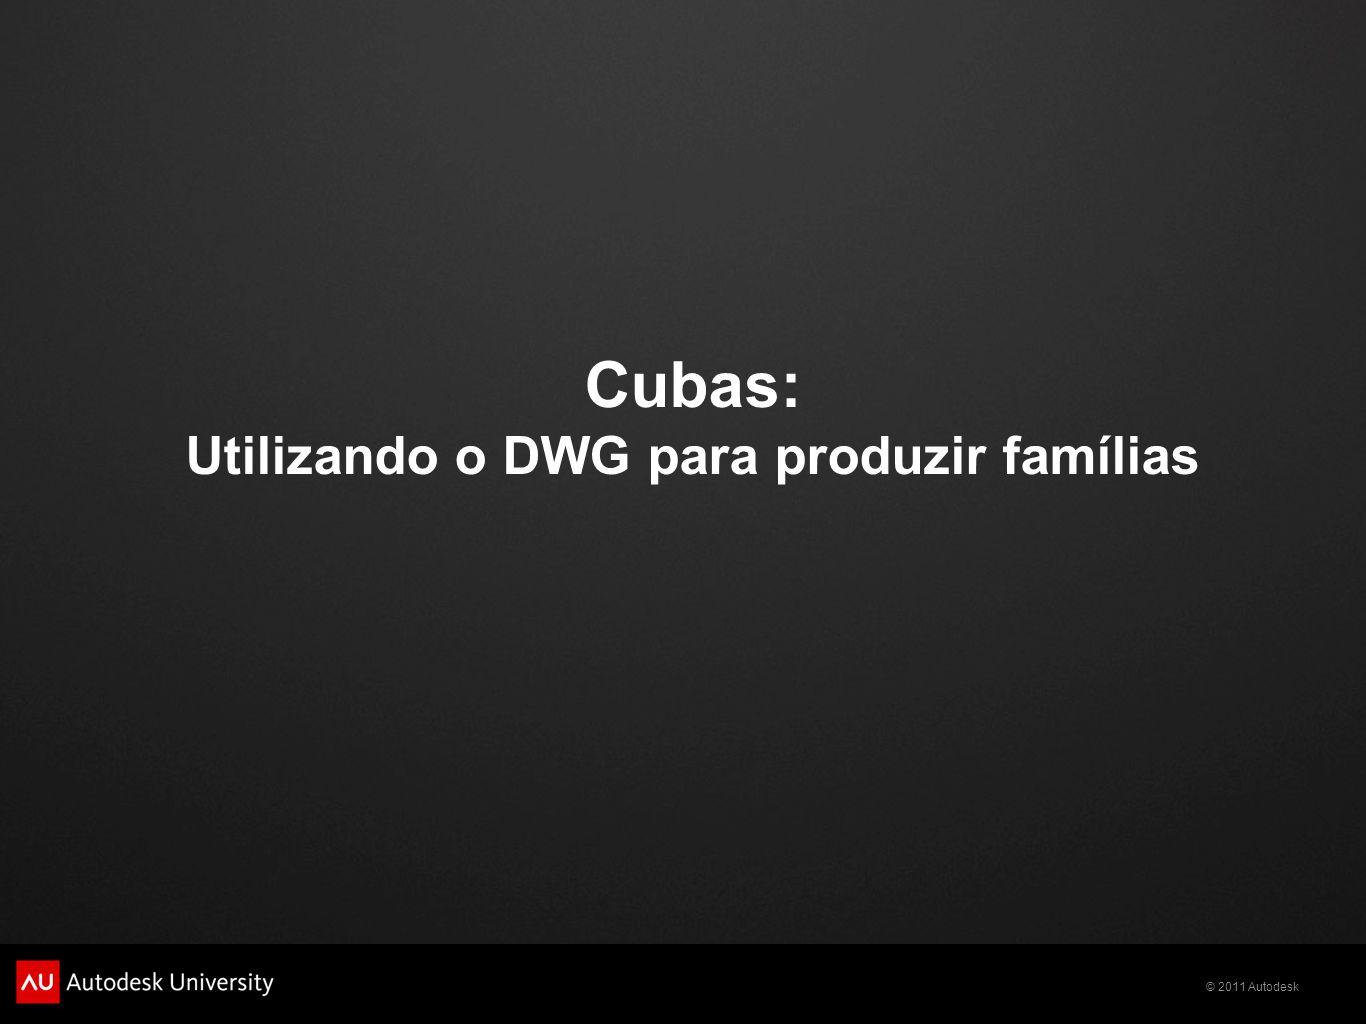 Cubas: Utilizando o DWG para produzir famílias